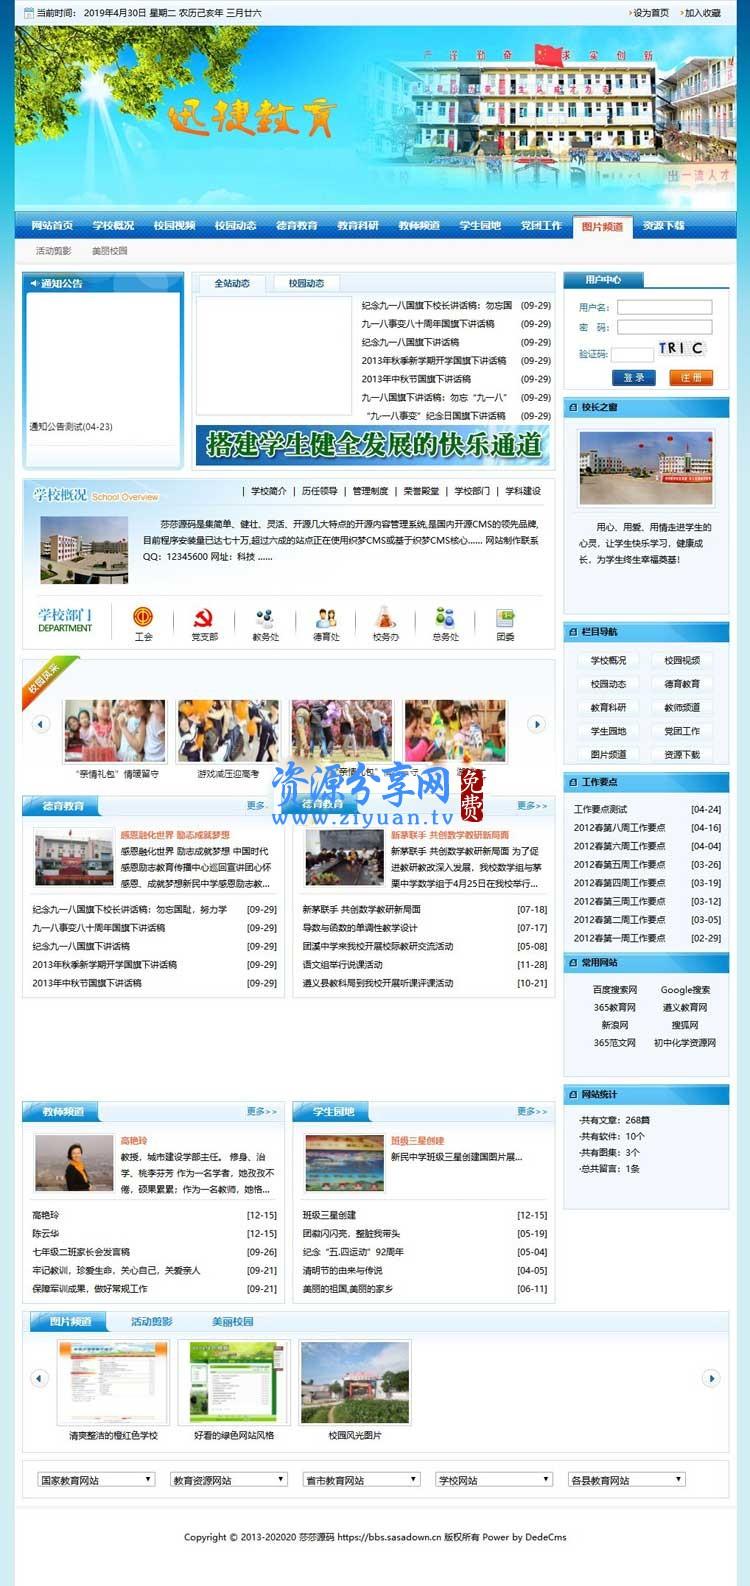 中小学校教育网站源码